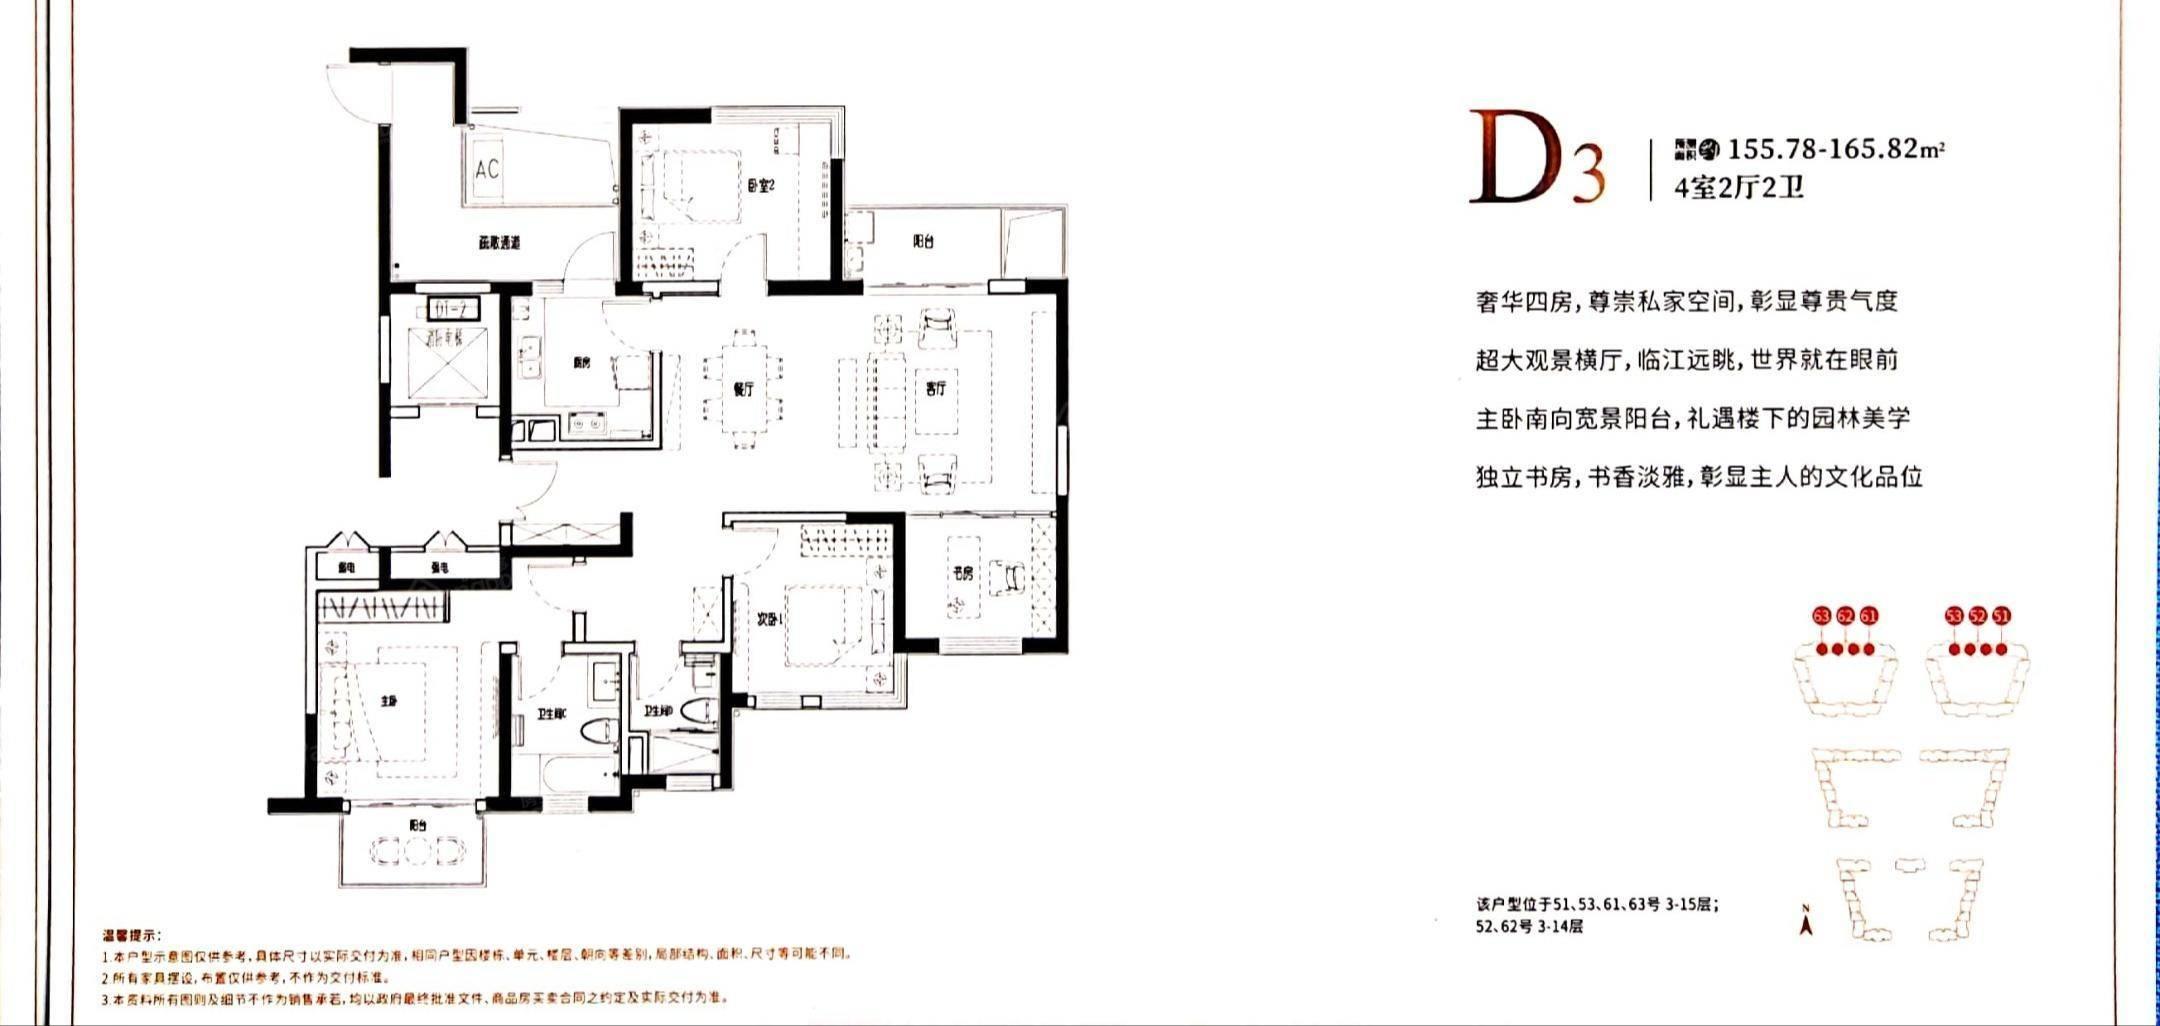 上海长滩4室2厅2卫户型图